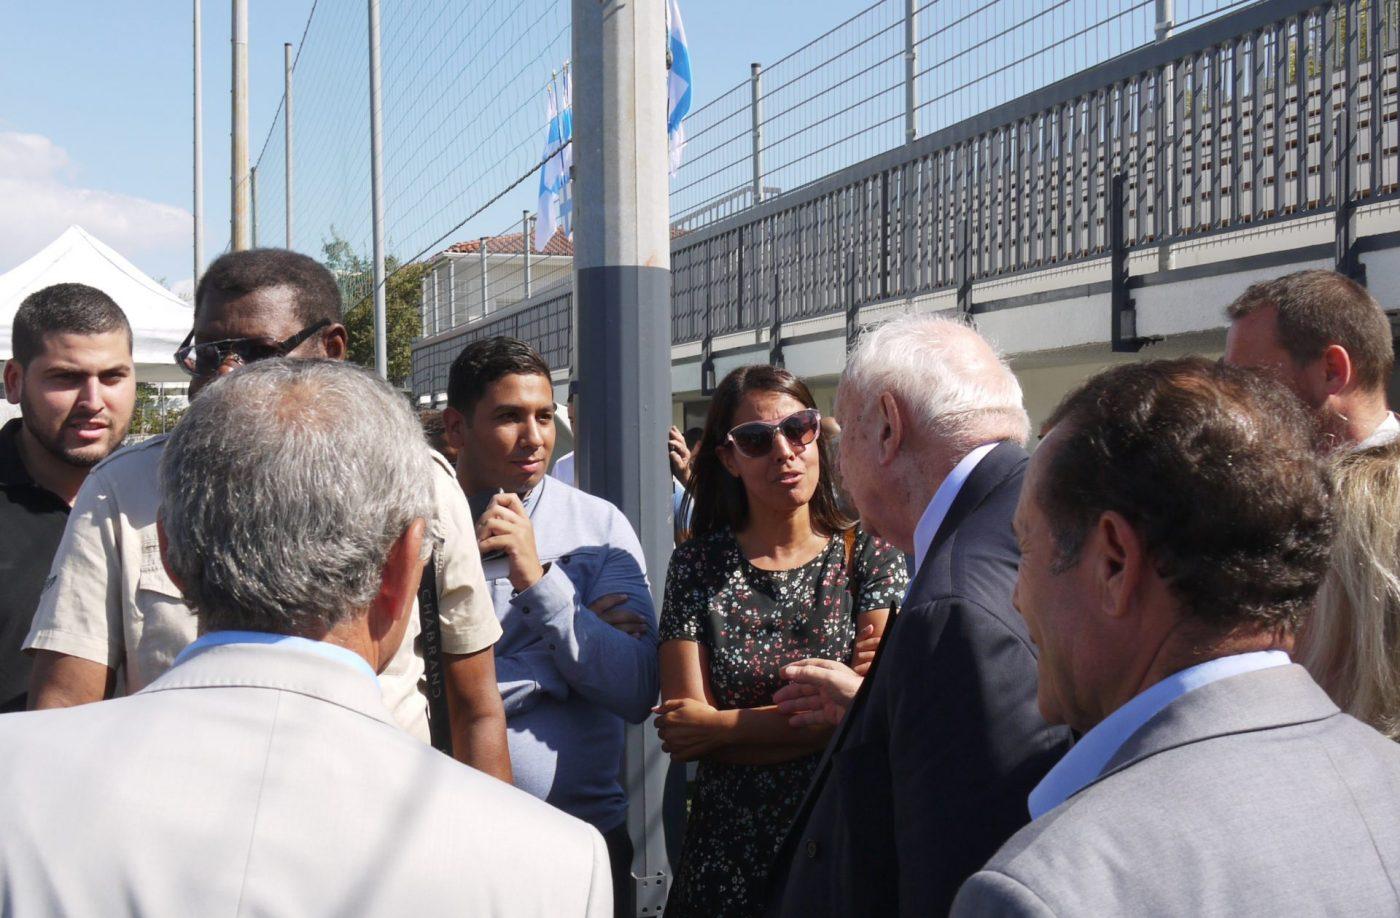 Lors de l'inauguration du stade de Frais-Vallon, le 7 septembre, Hassen Hammou et Haouaria Hadj-Chick croisent brièvement Jean-Claude Gaudin. Photo : B.G.